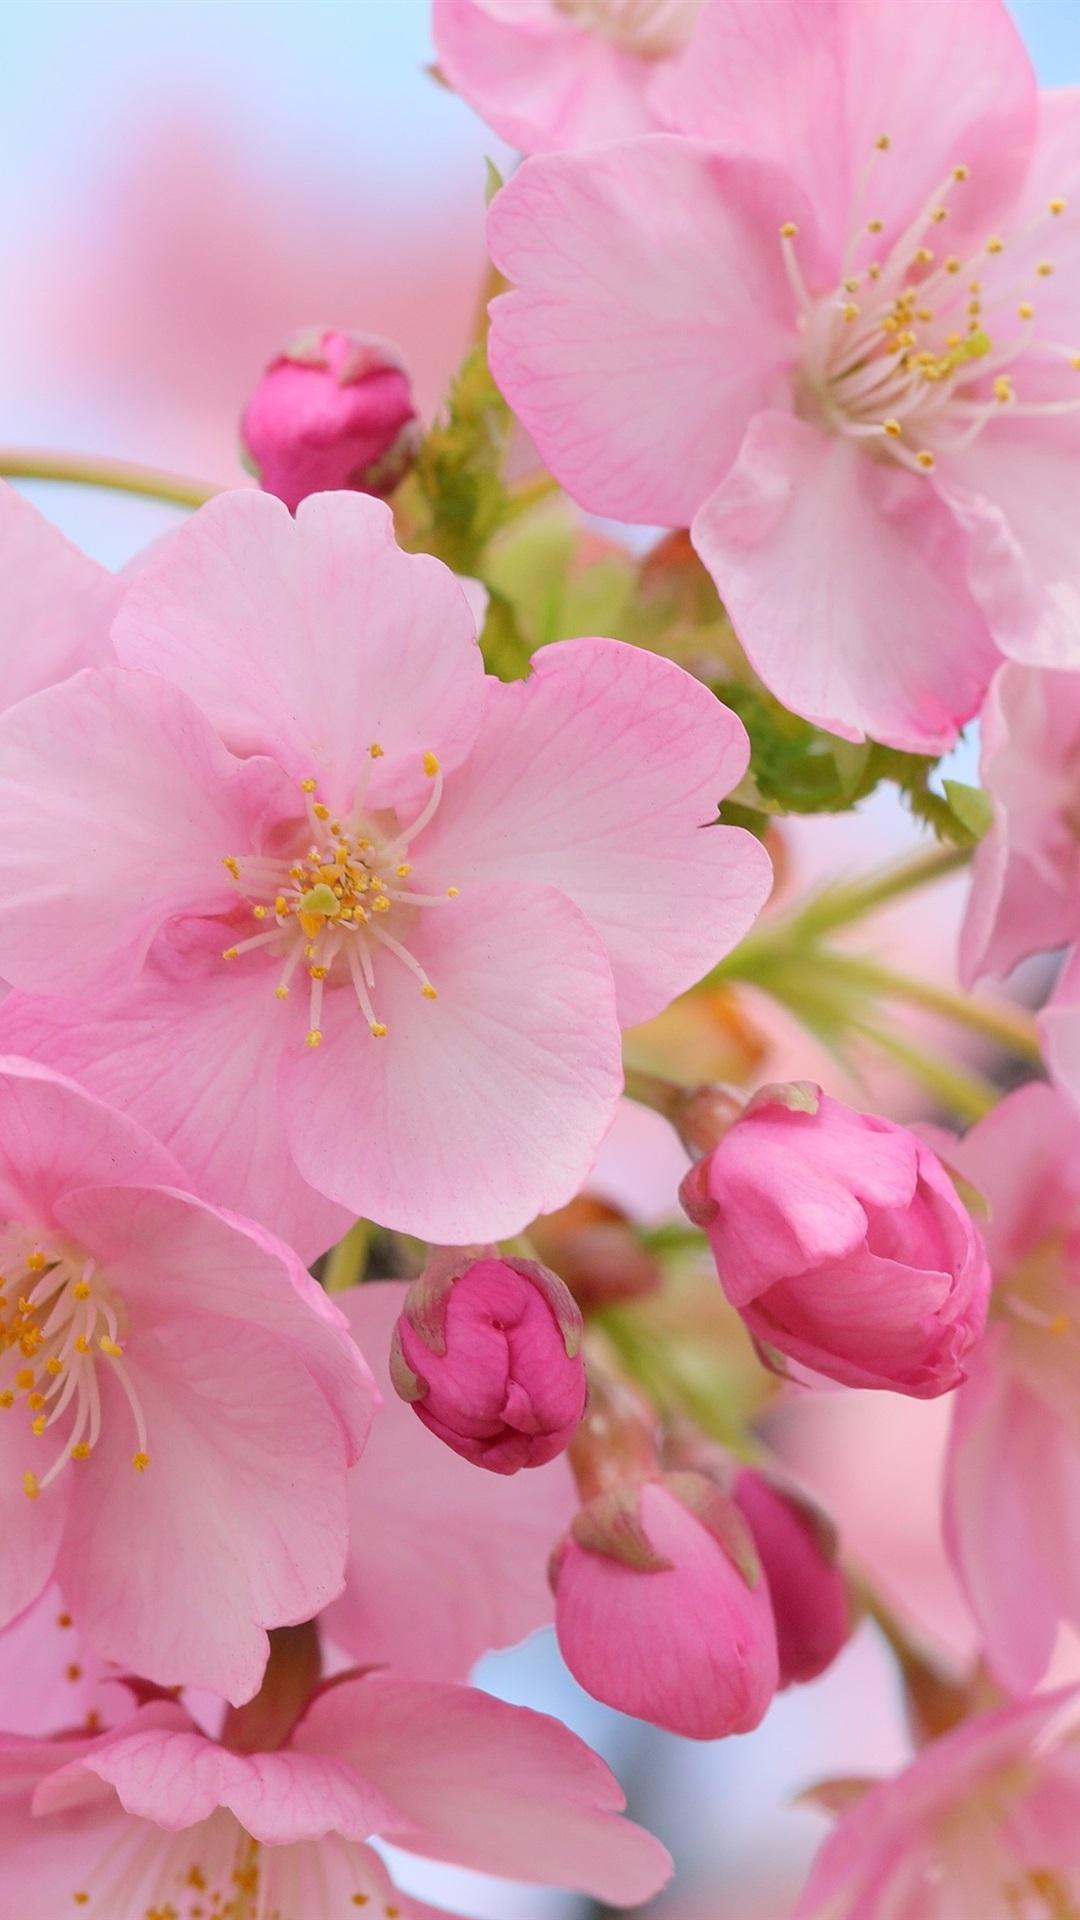 美しいピンクの桜の花 ぼやけ 春 1080x1920 Iphone 8 7 6 6s Plus